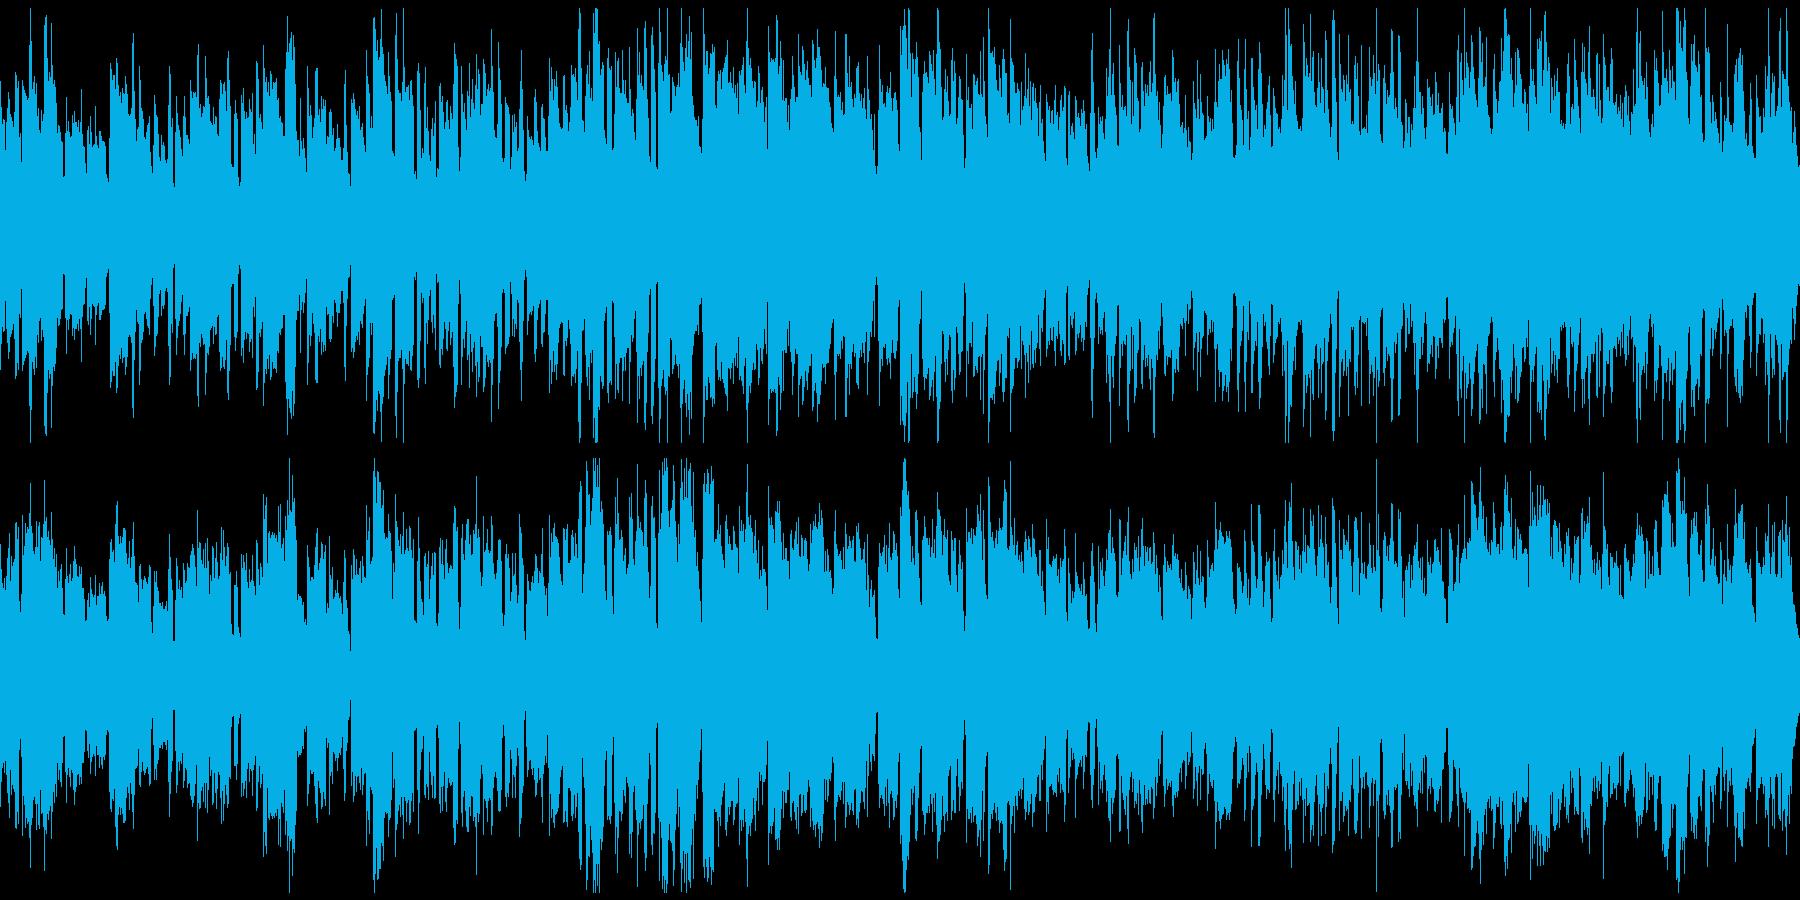 ほのぼのRPGの村+バイオリン(ループ)の再生済みの波形